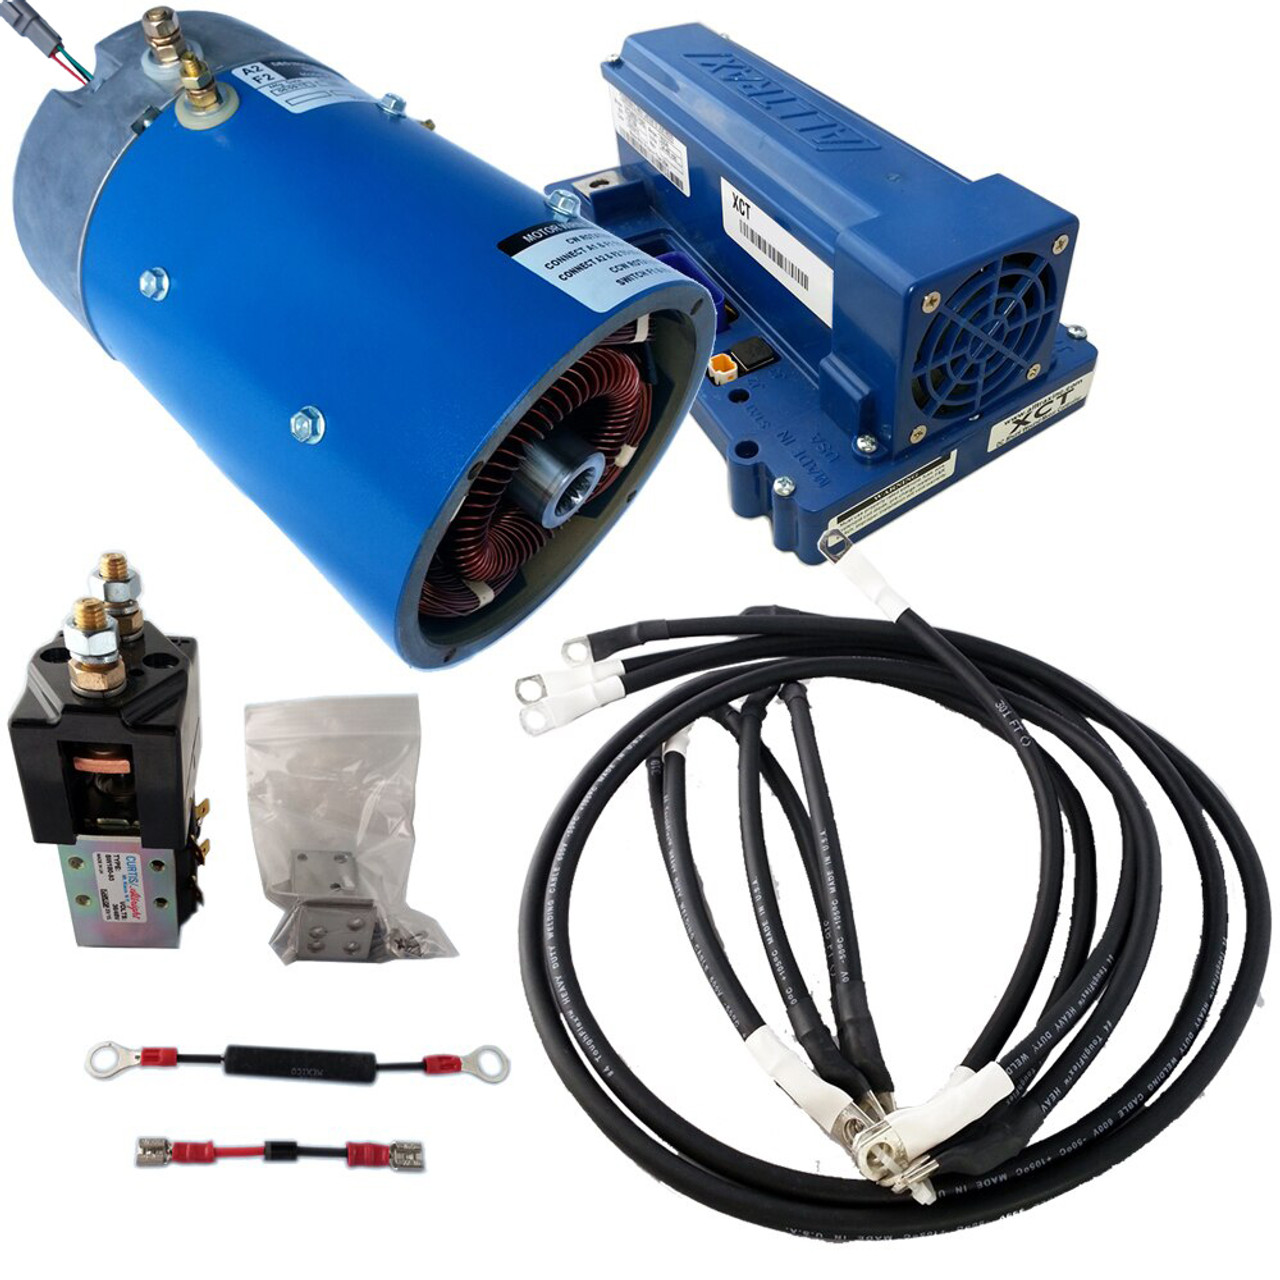 Ez Go Txt Wiring Diagram Solenoid Club Car Iq Motor Amp Controller Combo High Speed Amp Torque